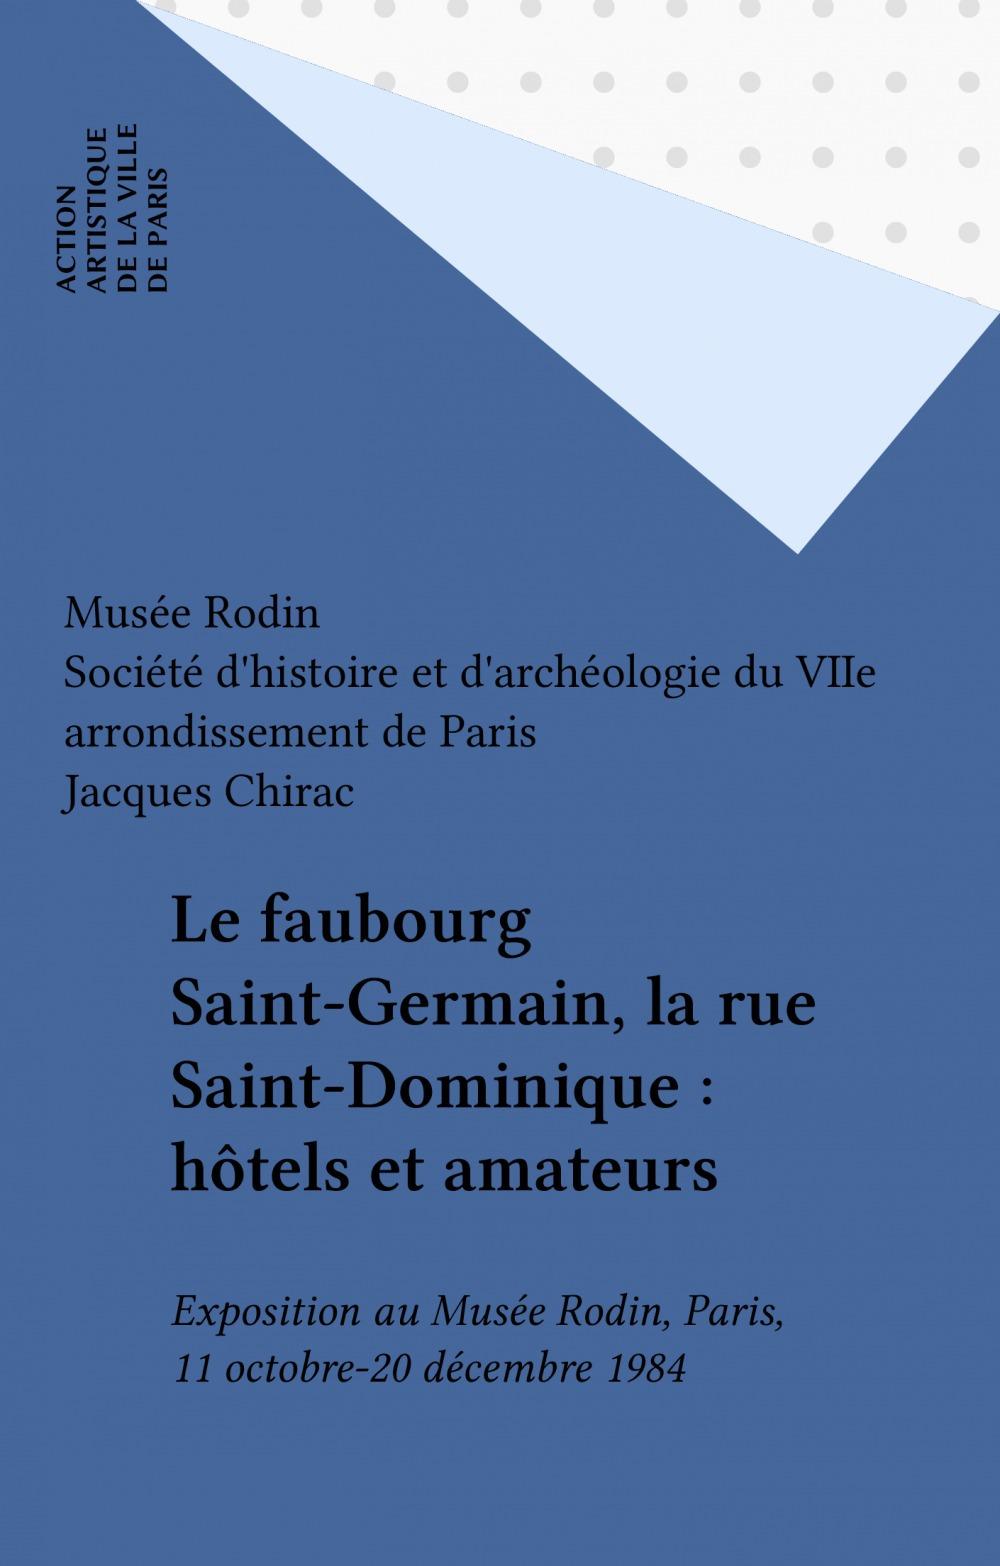 Le faubourg Saint-Germain, la rue Saint-Dominique : hôtels et amateurs